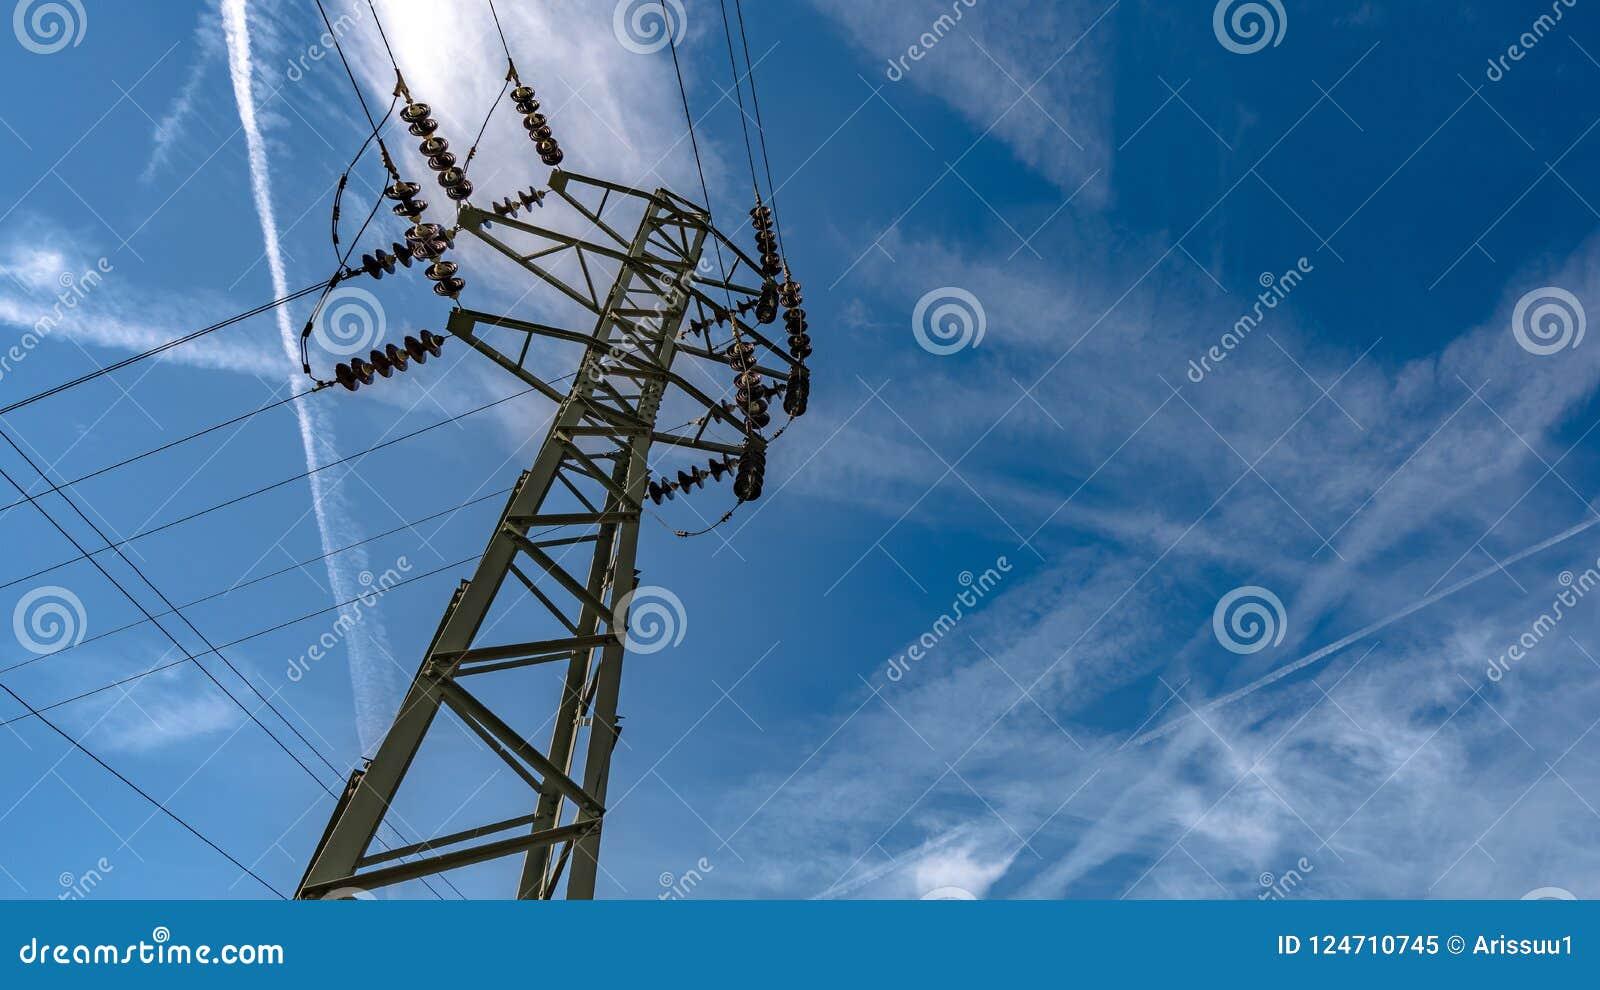 Γραμμή διανομής ηλεκτρικής ενέργειας υψηλής τάσης